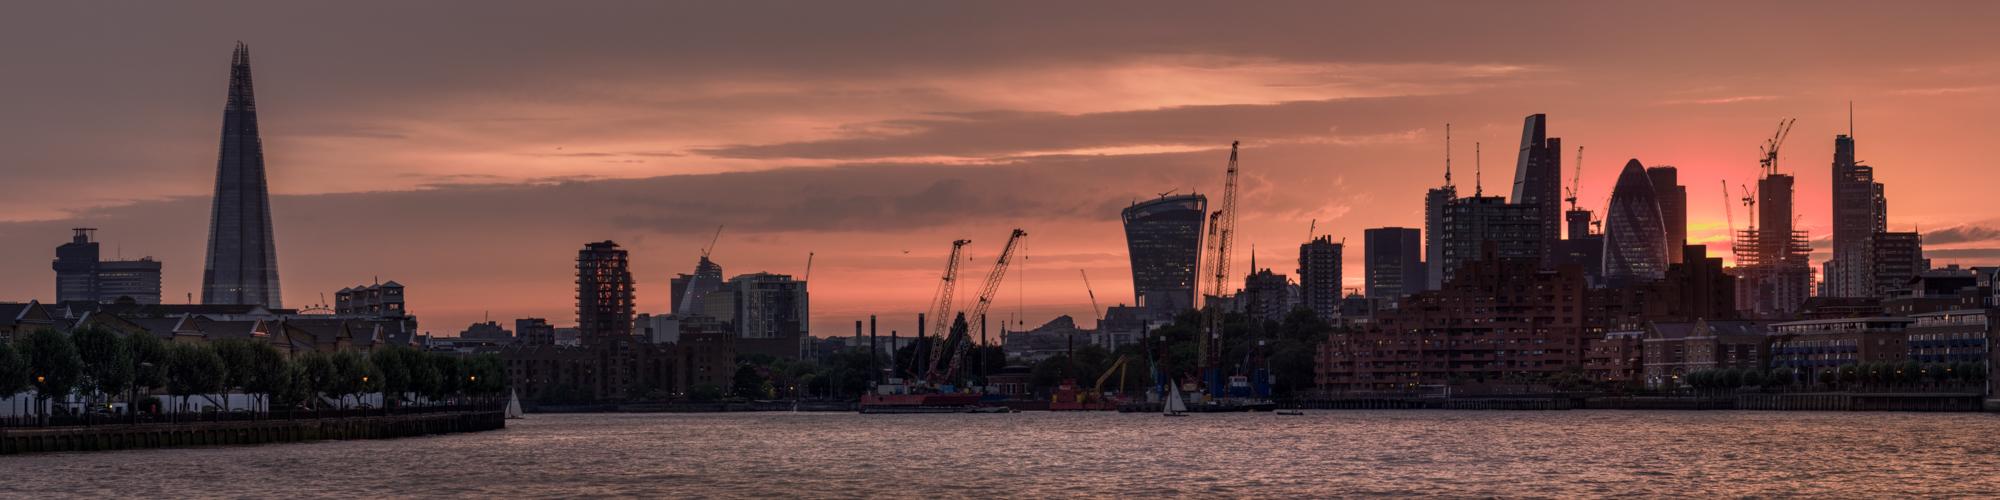 Panoramic of London at sunset taken by Trevor Sherwin